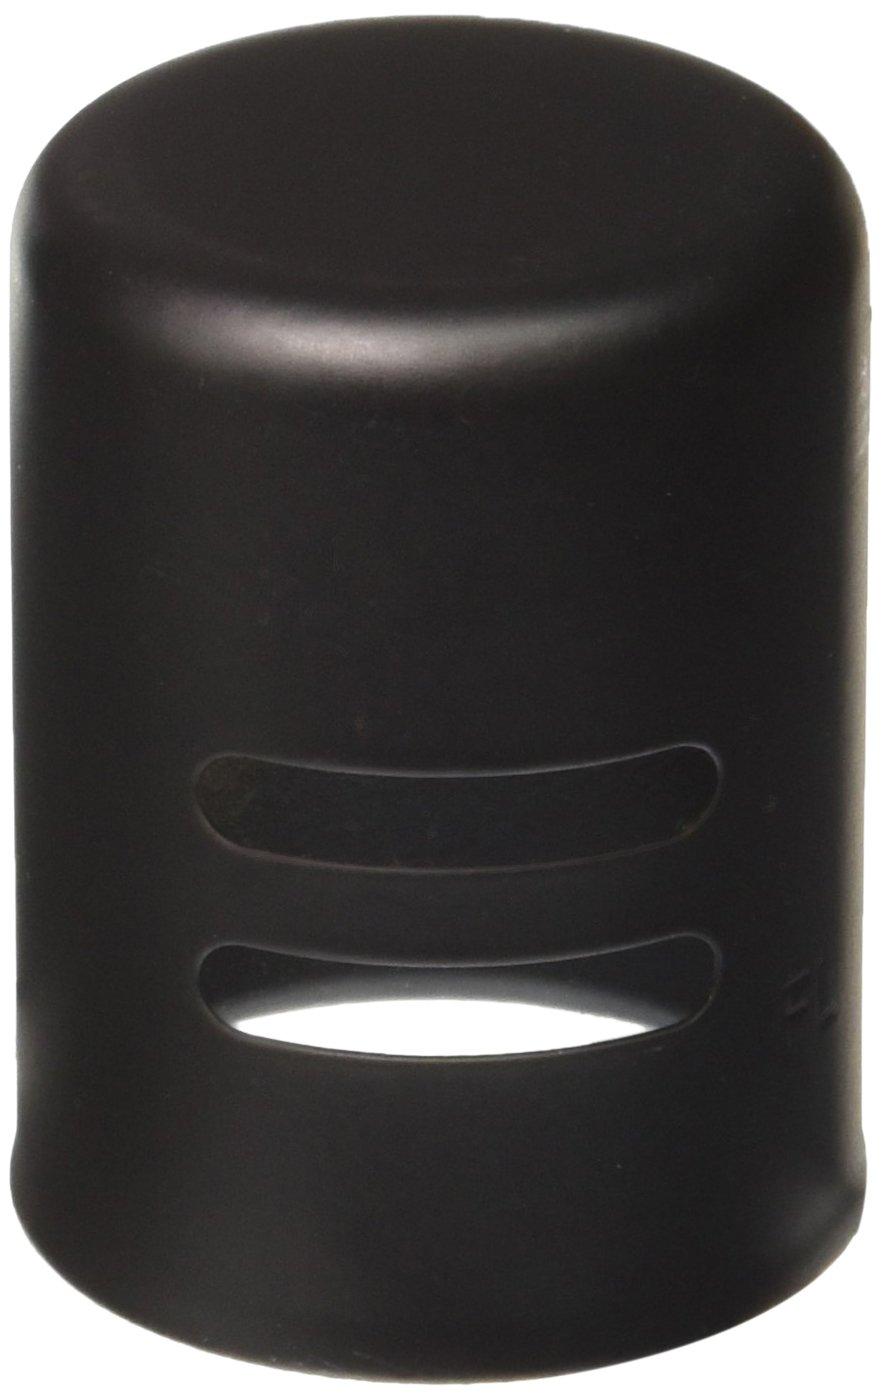 Westbrass R201-62 Standard Brass Air Gap Cap Only, Matte Black